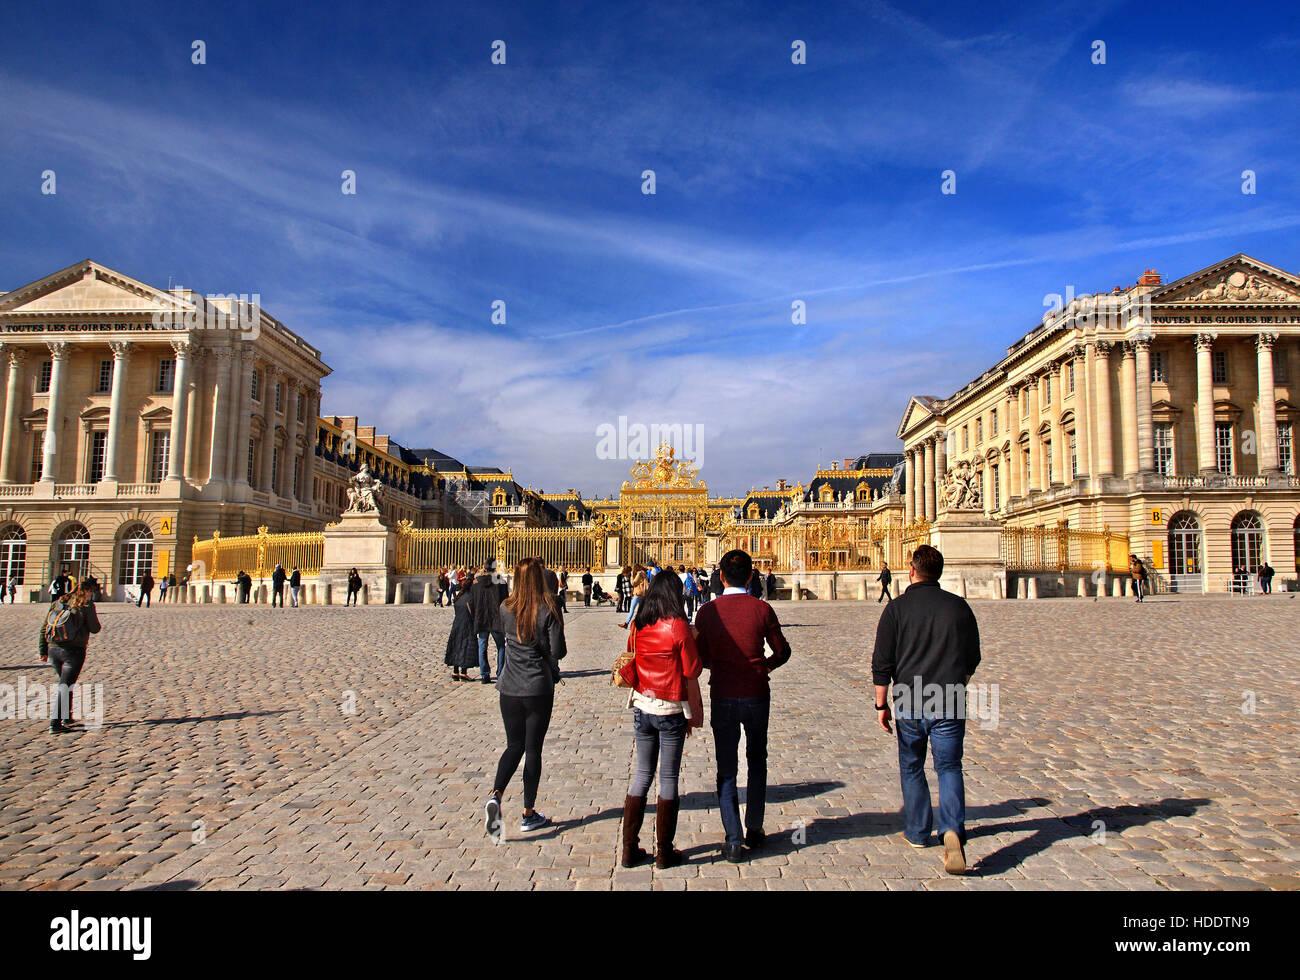 Les touristes à l'extérieur du Palais de Versailles, France. Banque D'Images